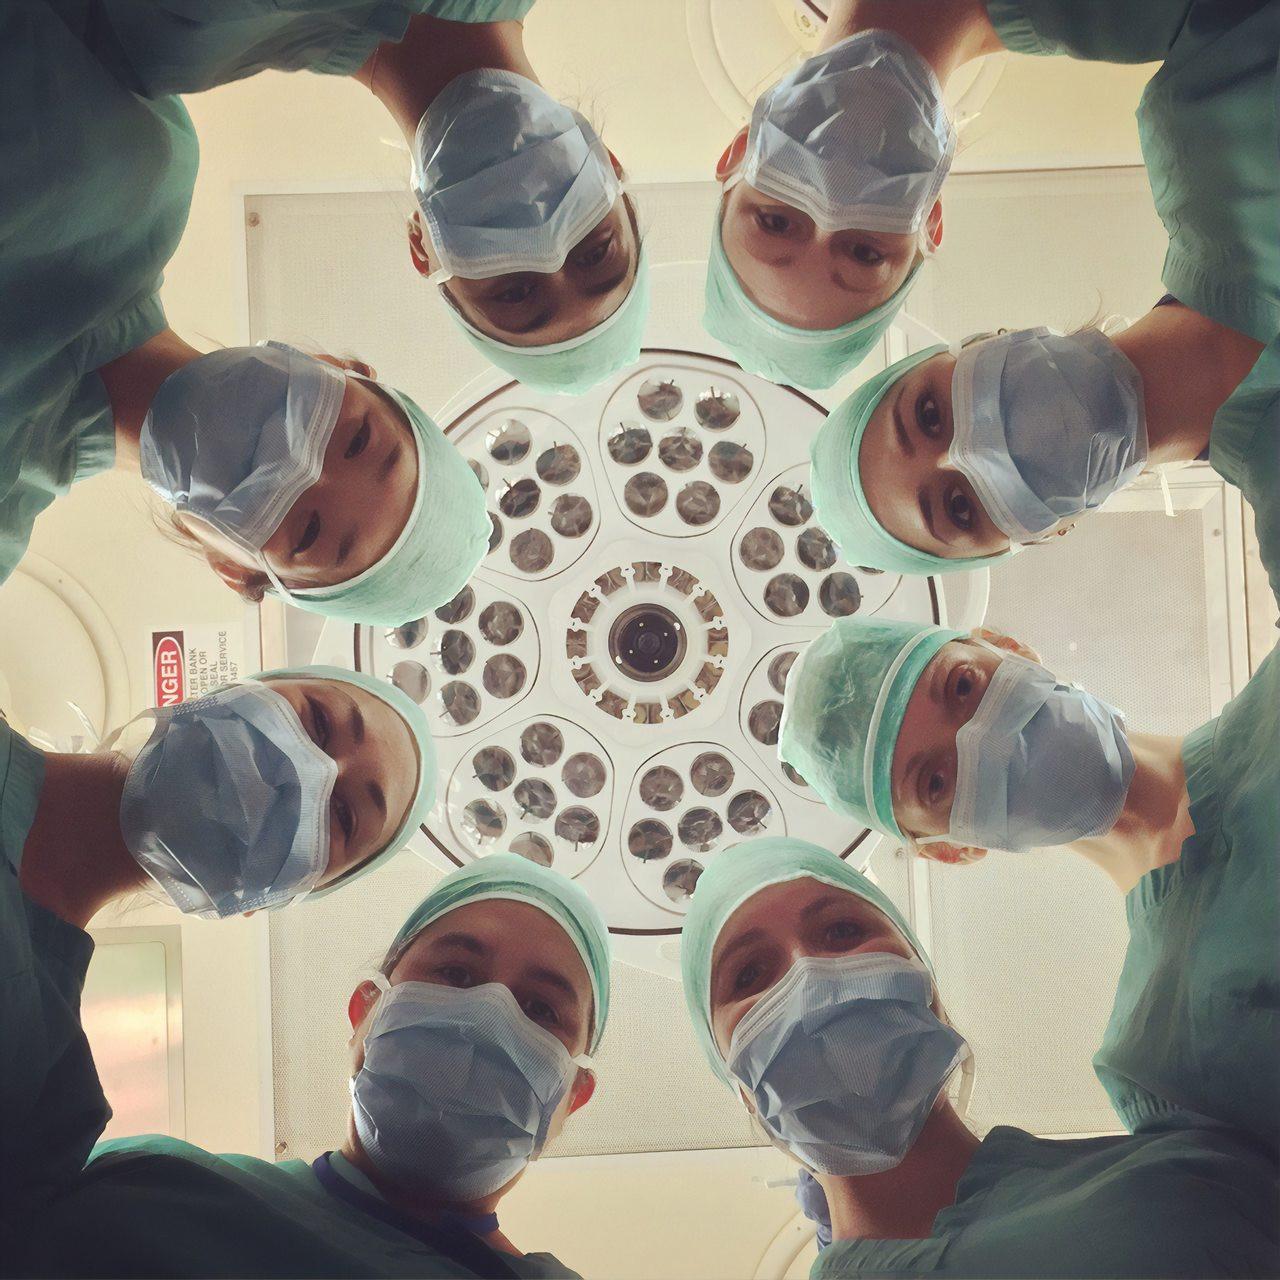 lekarze prywatne pakiety medyczne